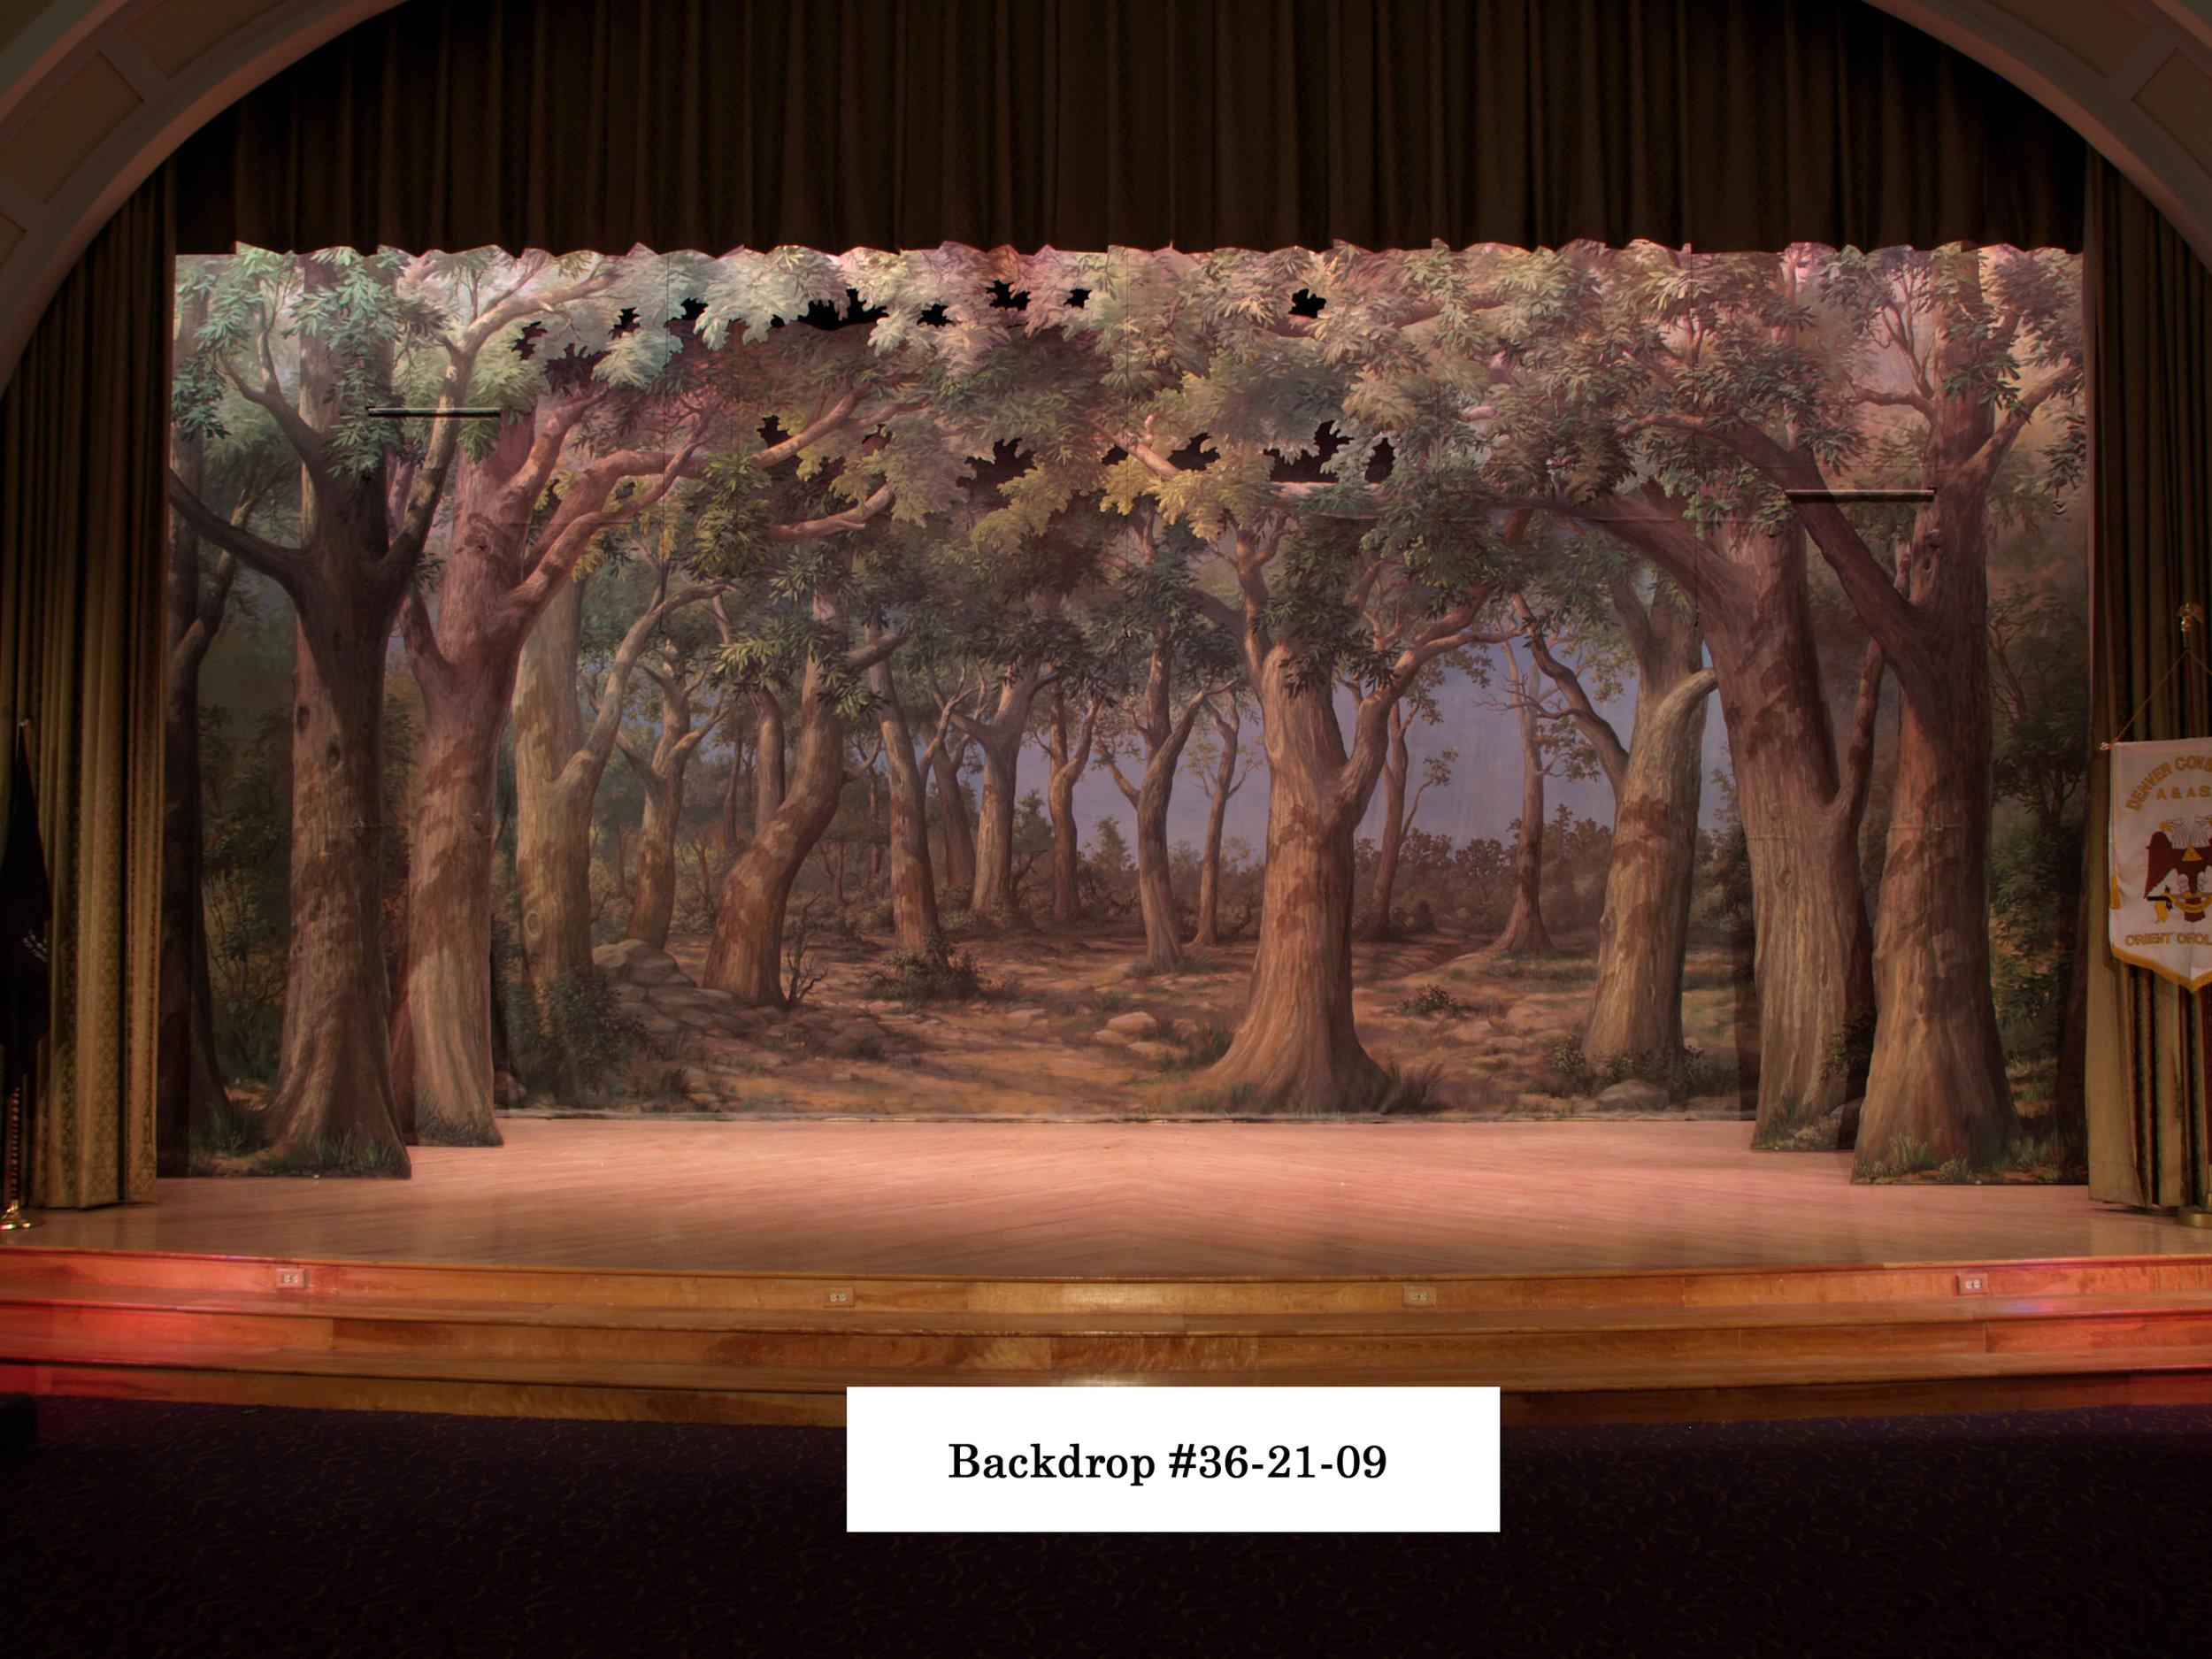 backdrop_36-21-09.jpg